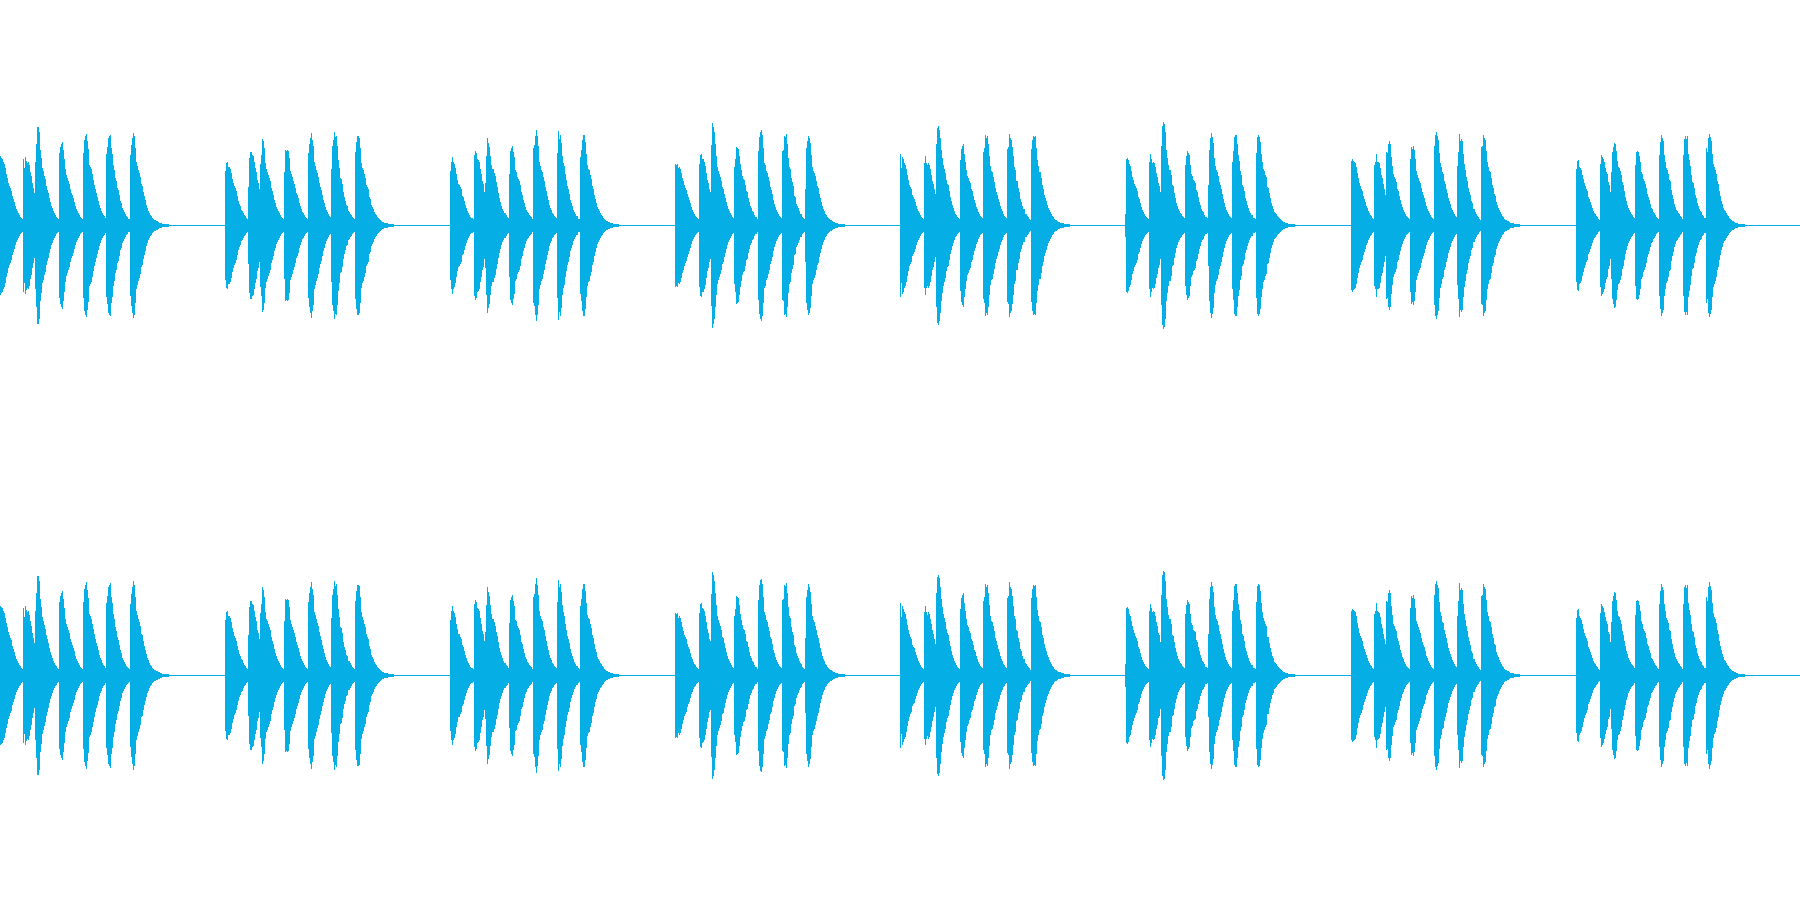 マリンバの着信音です。の再生済みの波形